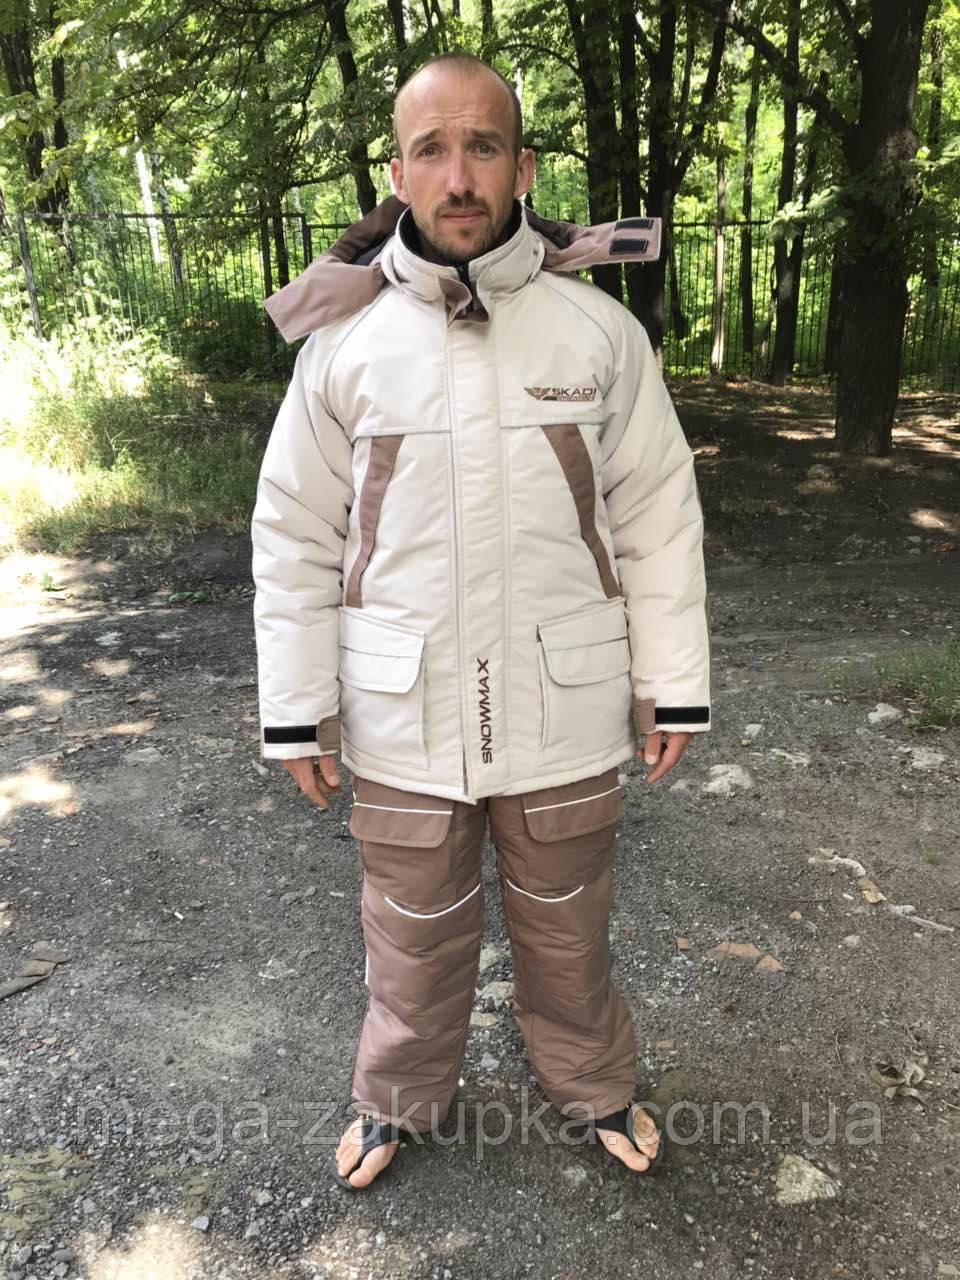 Зимний костюм для рыбалки и охоты  Snowmax White Новинка сезона! Тёплый, непродуваемый, Все размеры 60-62